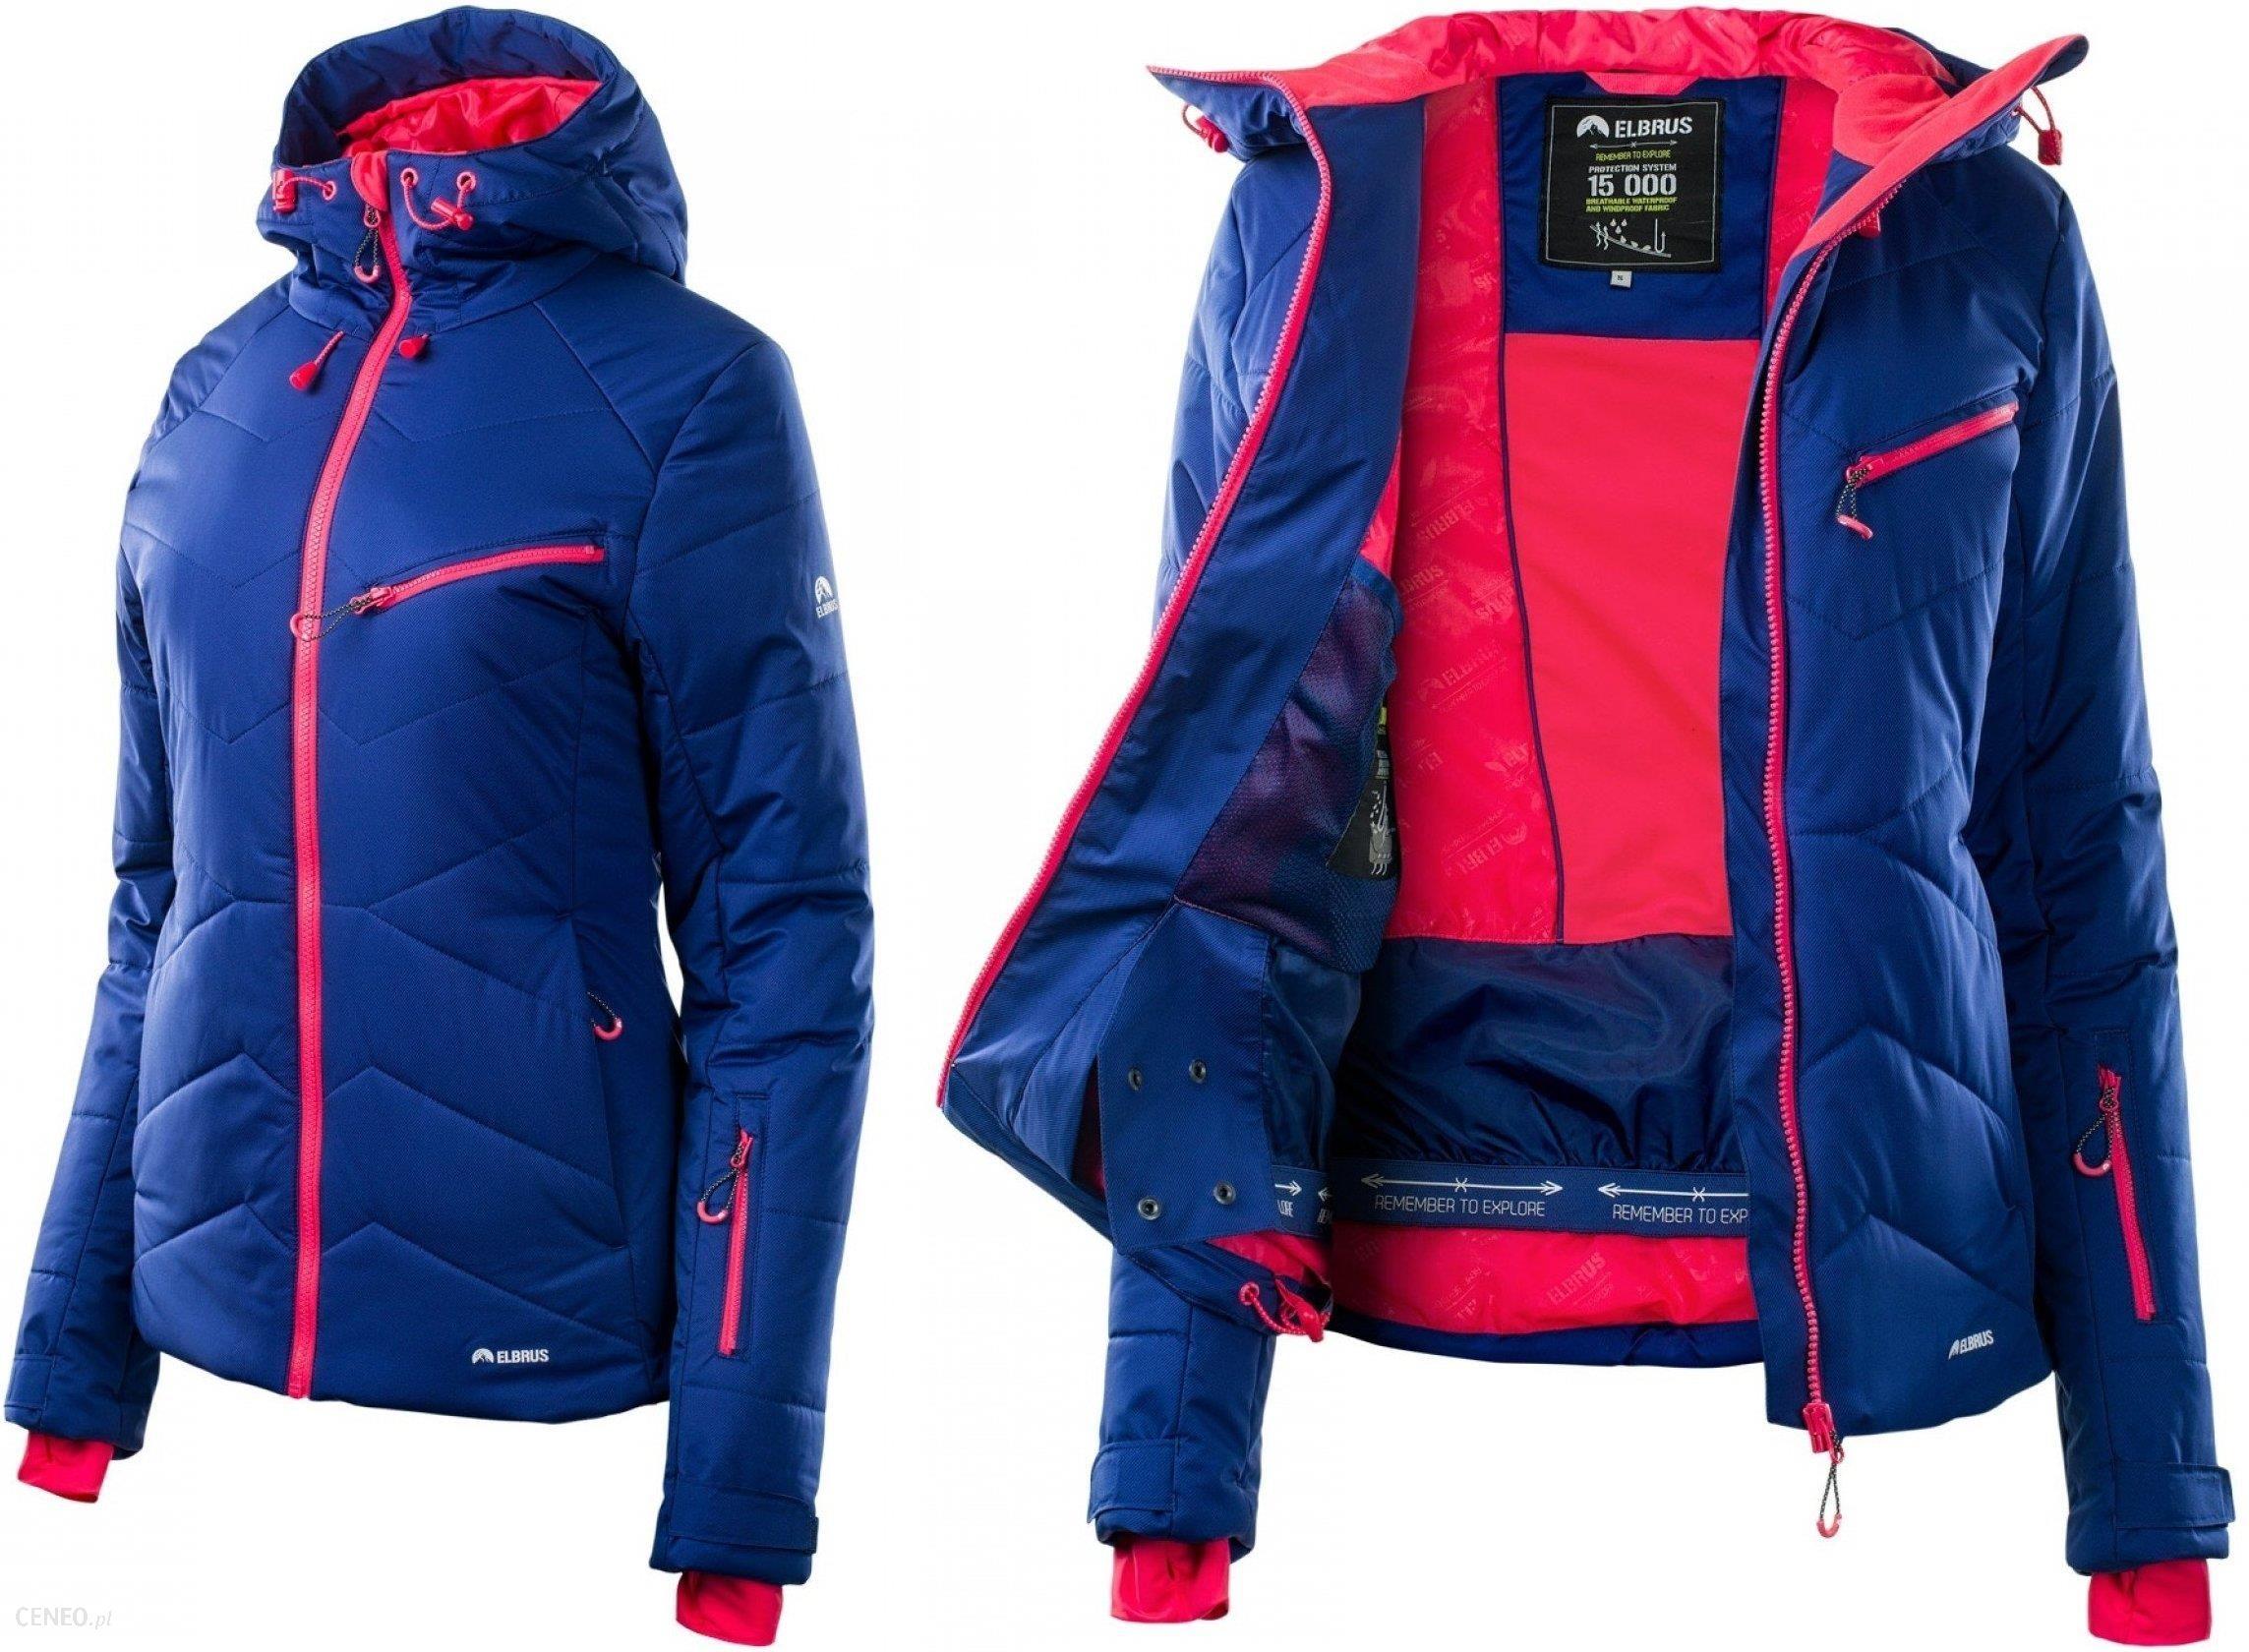 4F Elbrus 15 000 Ceny i opinie Ceneo.pl